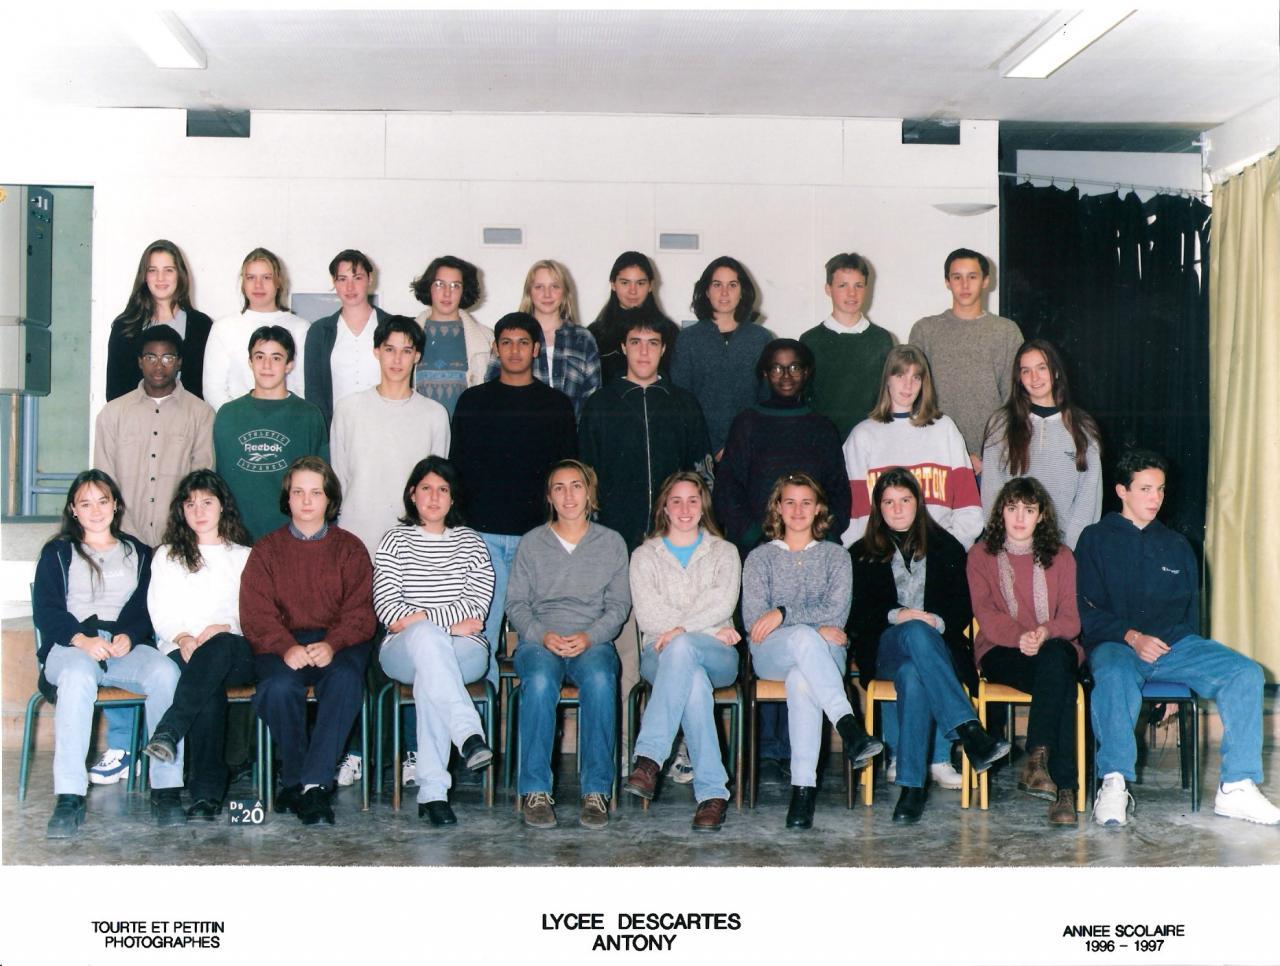 1997 - 1ES1 - TOURTE